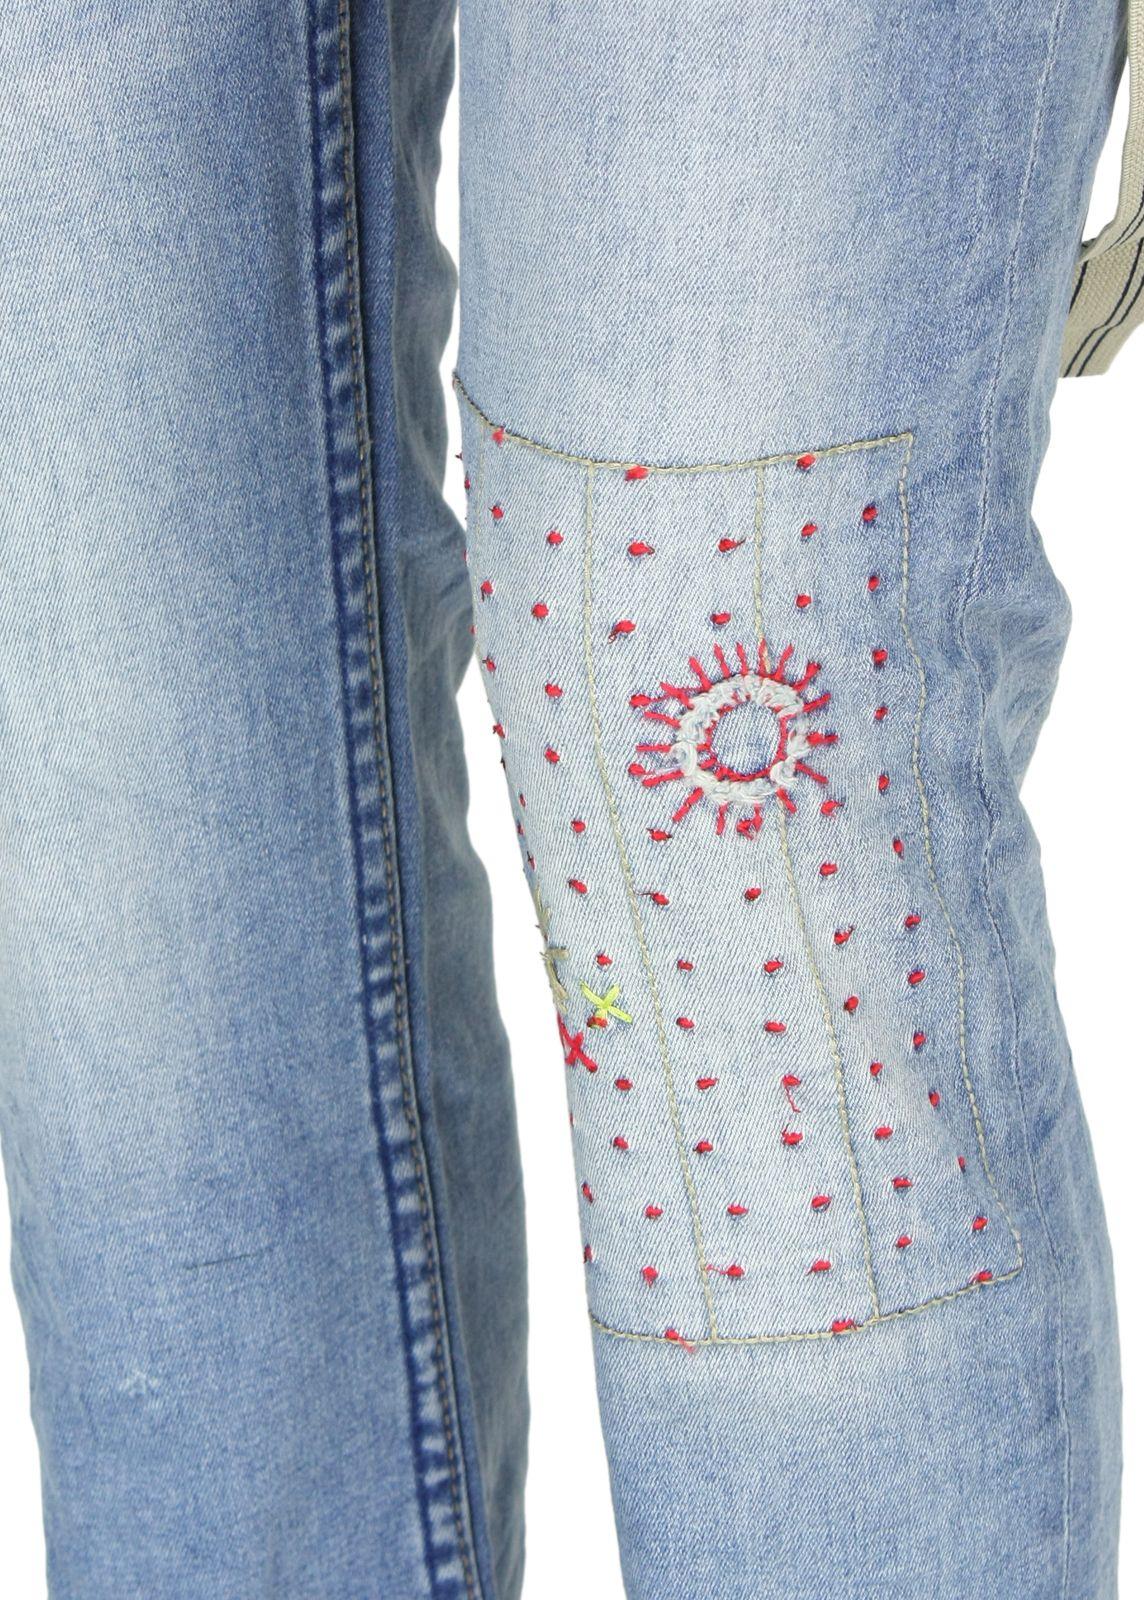 Desigual Jeans Flor fettebeute Online Shop